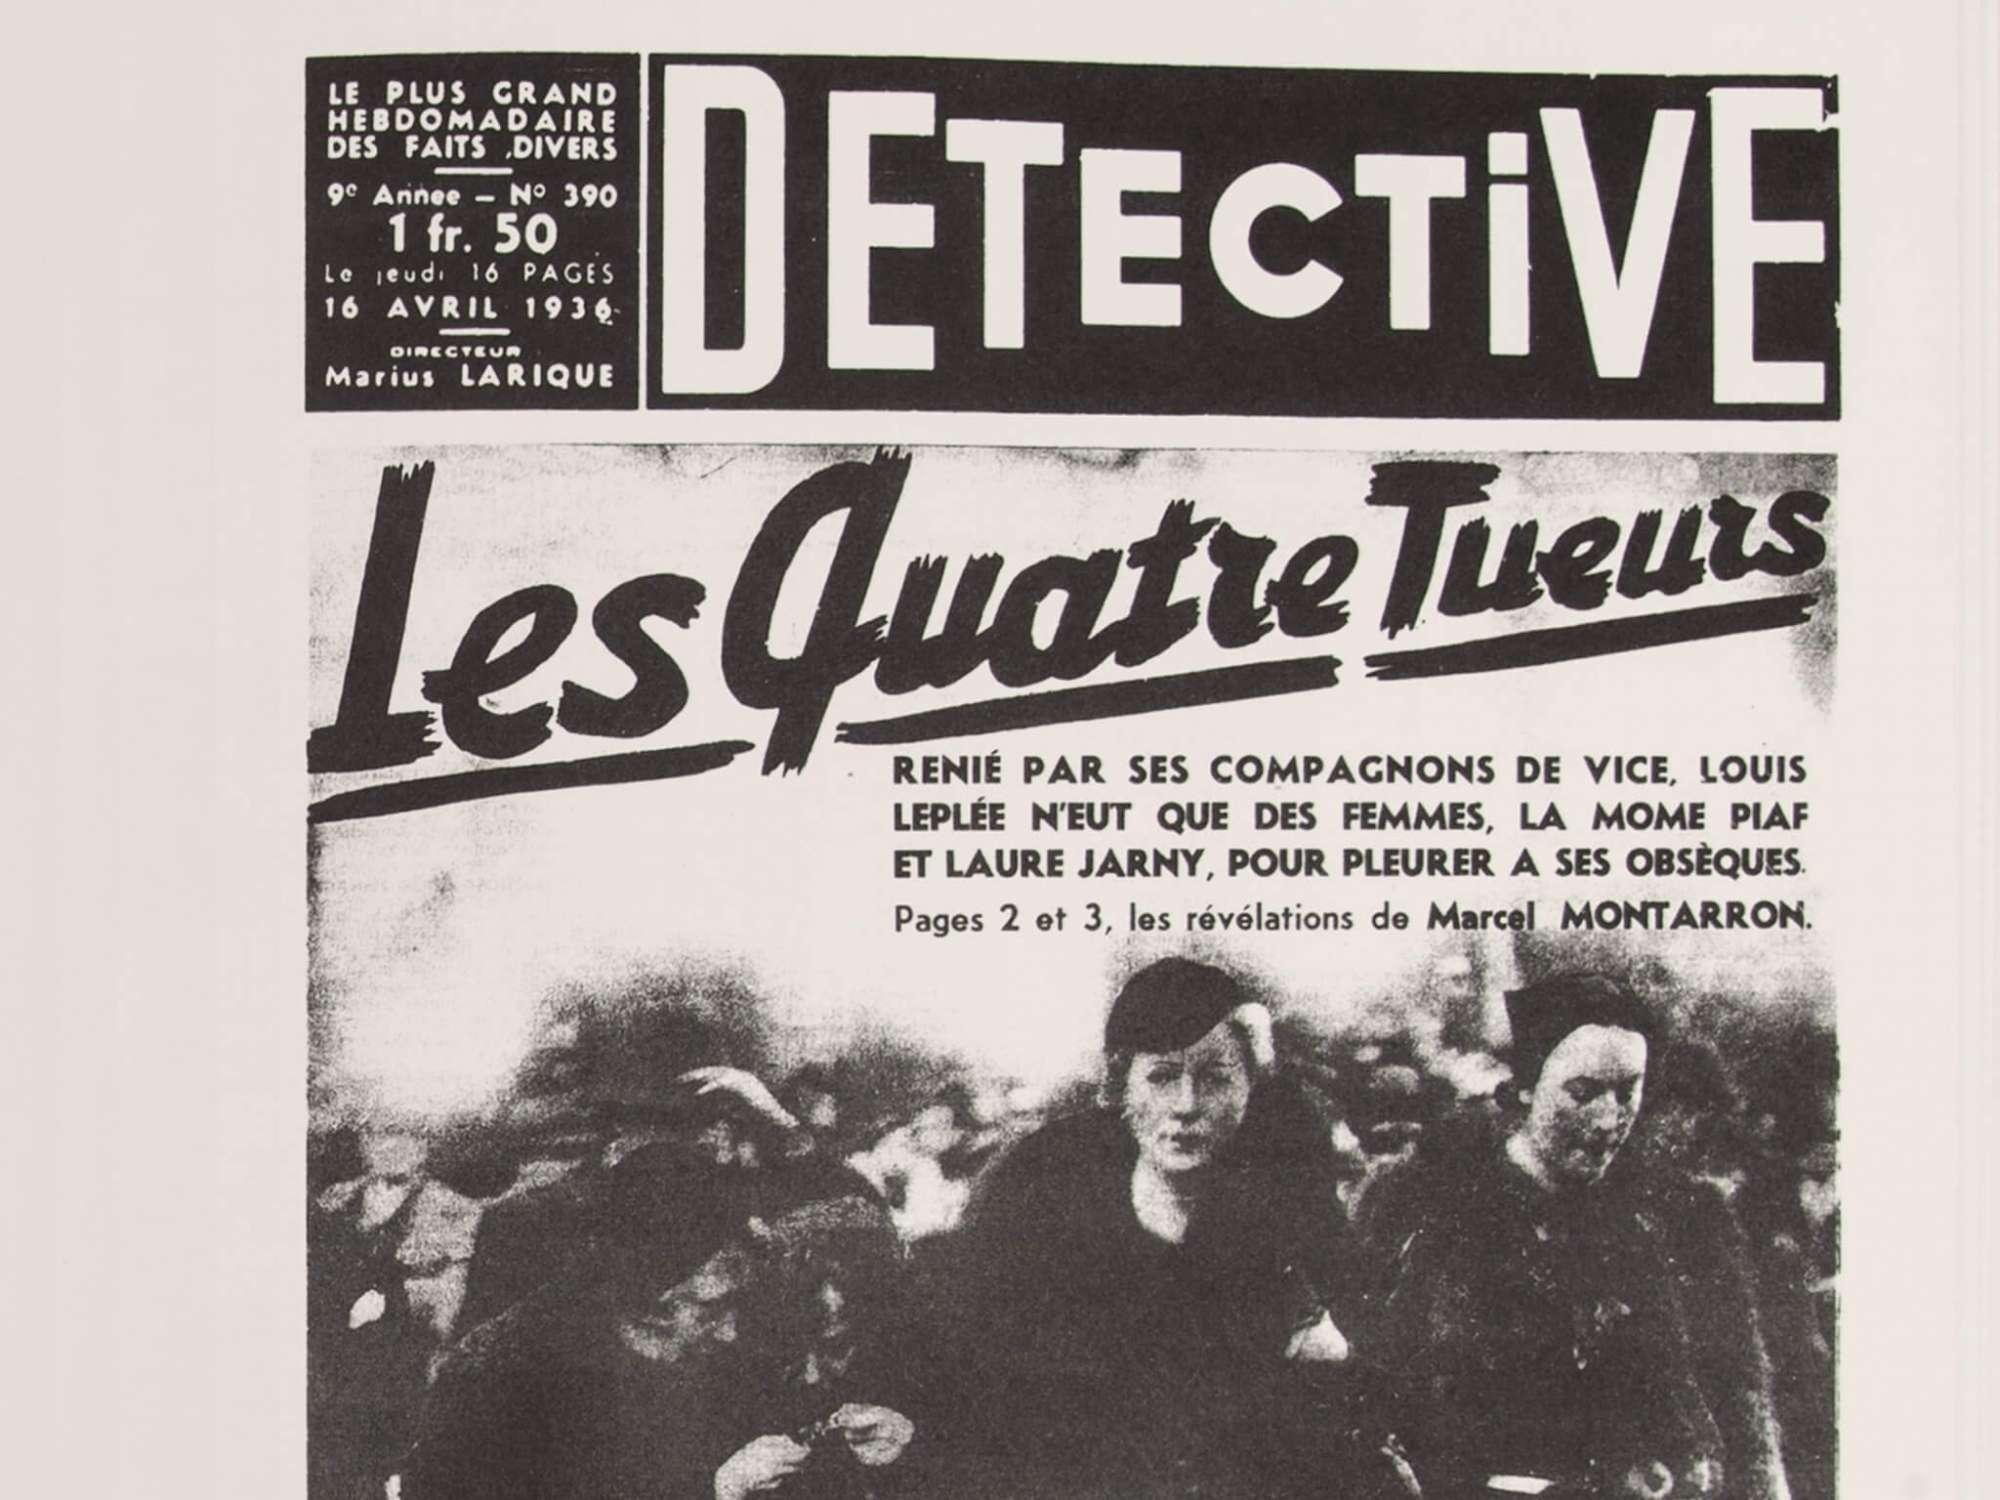 Emmanuel Bove Arrestations célèbres Éditions cent pages Détective 16 avril 1936 Édith Piaf en couverture